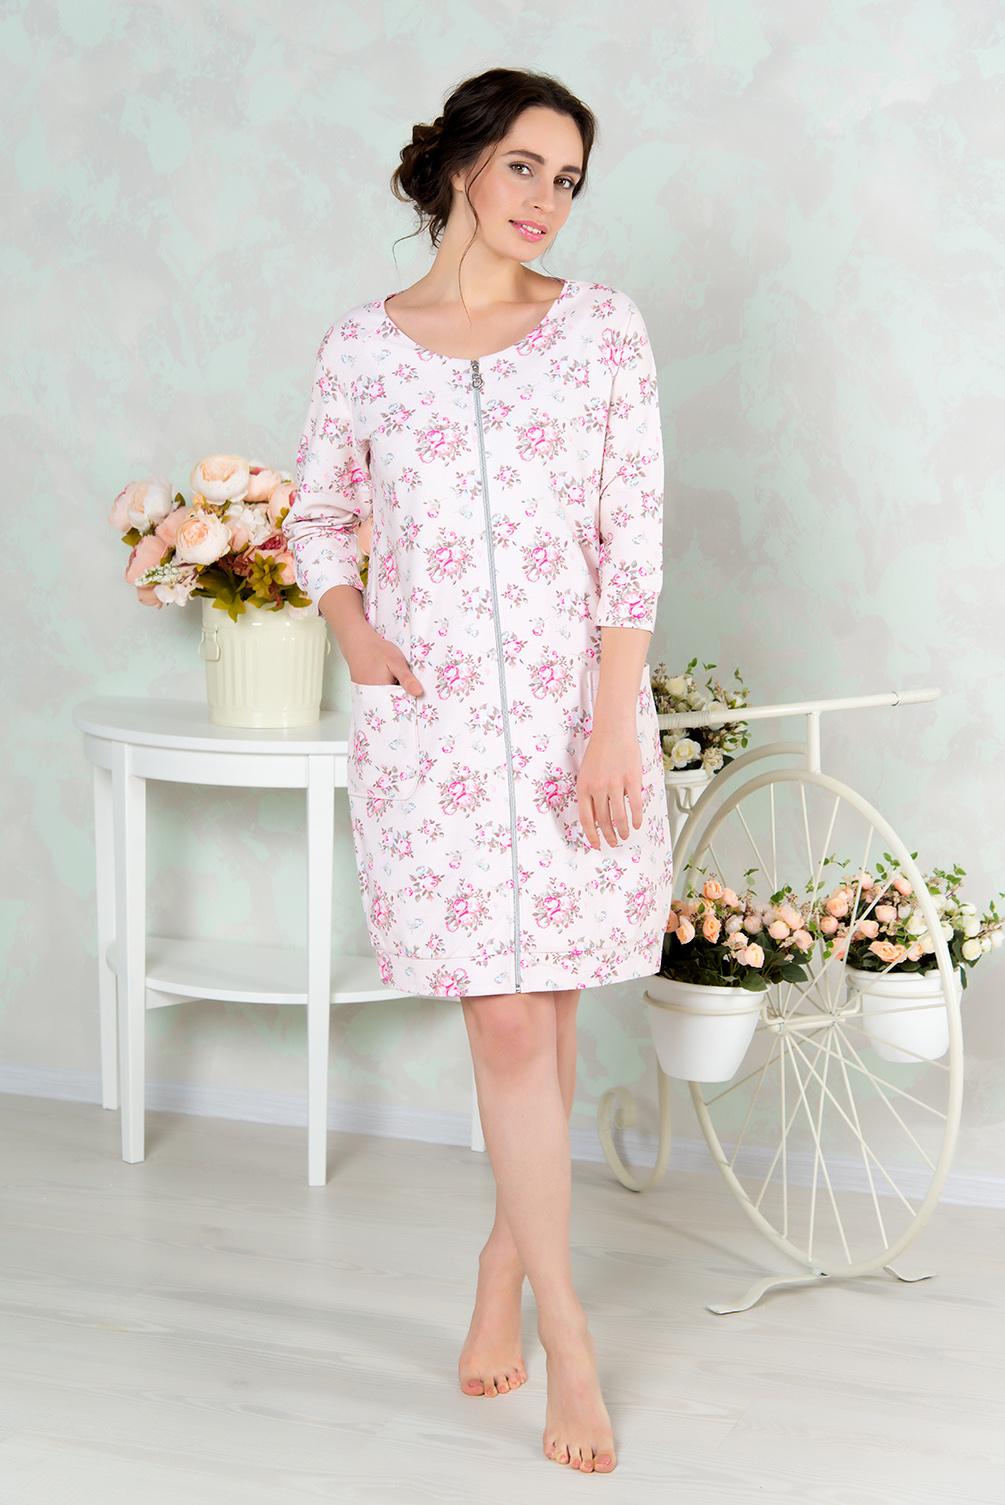 Халат женский Mia Cara, цвет: розовый. AW16-MCUZ-848. Размер 42/44AW16-MCUZ-848Женский халат Mia Cara изготовлен из высококачественного хлопка. Модель длины миди выполнена с застежкой-молнией. По бокам изделие дополнено двумя накладными карманами.